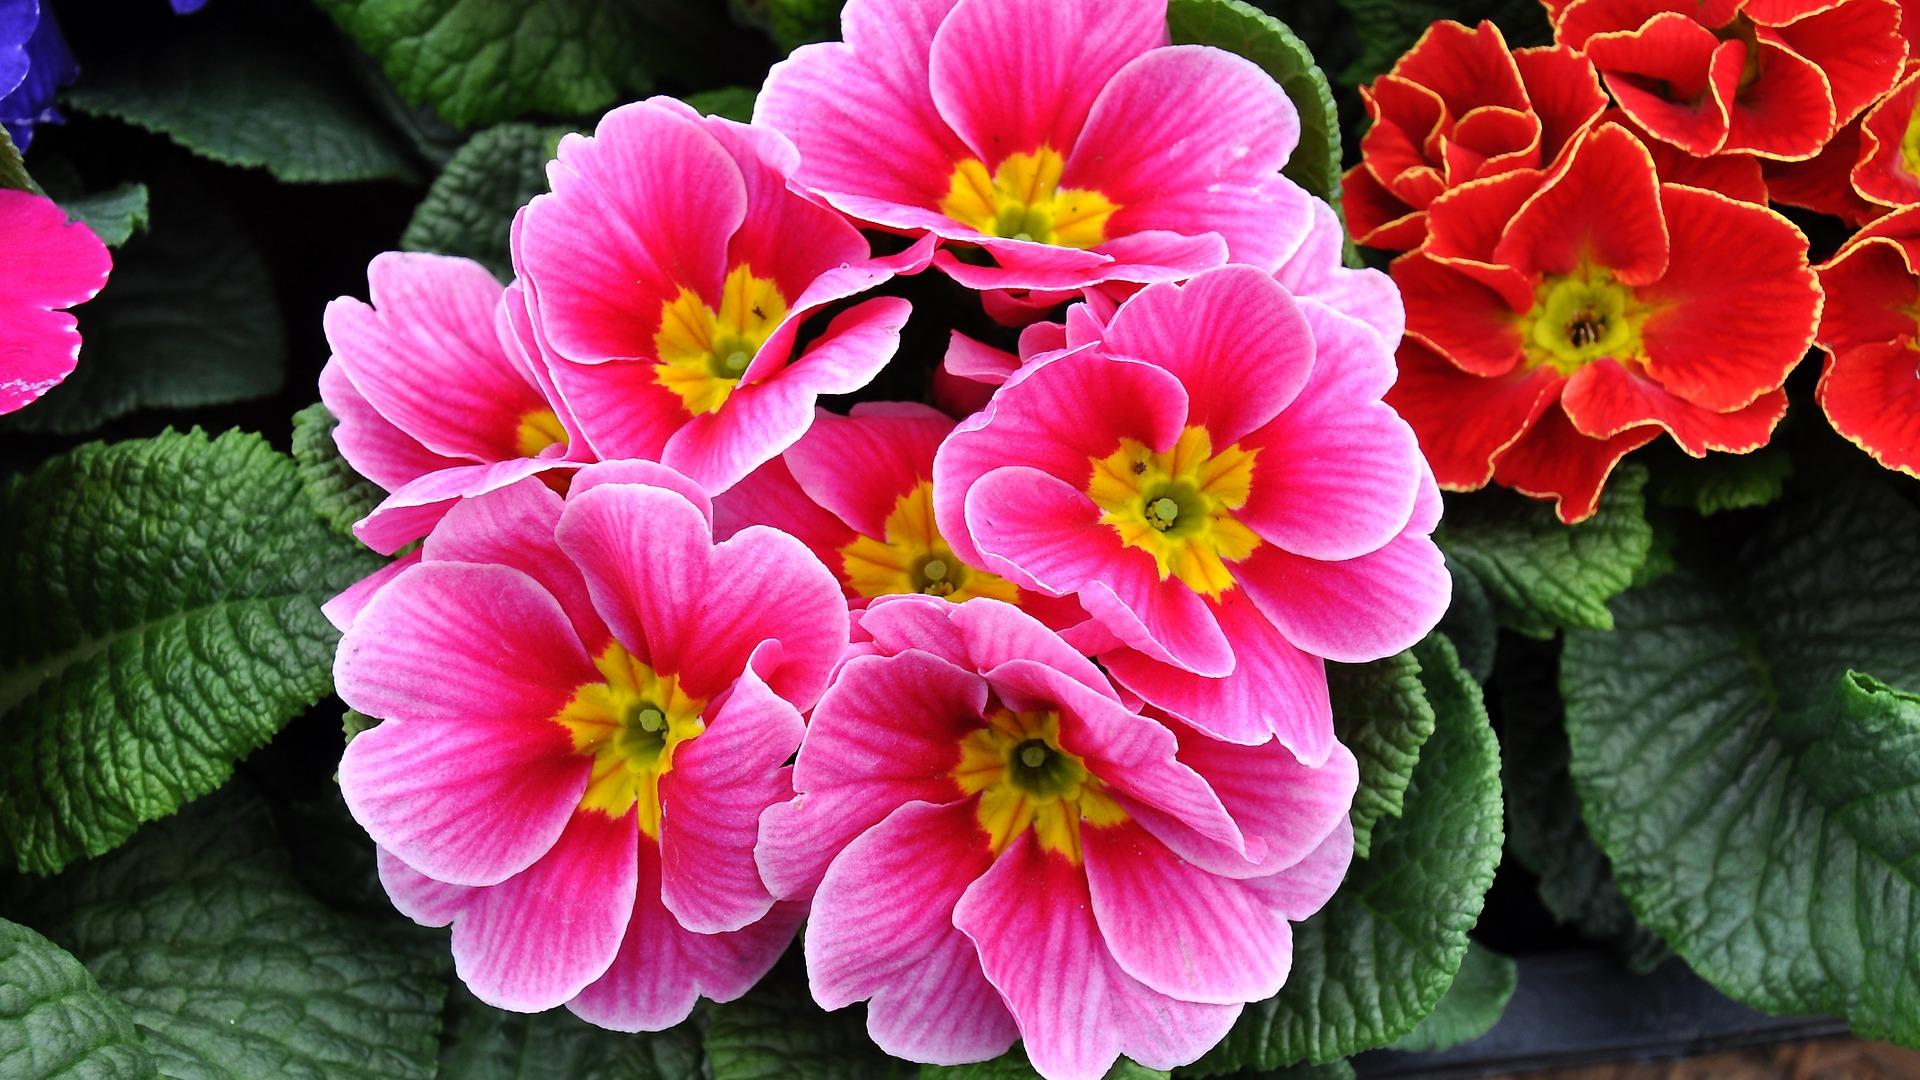 I fiori da regalare in primavera farfallerare - Fiori primaverili ...